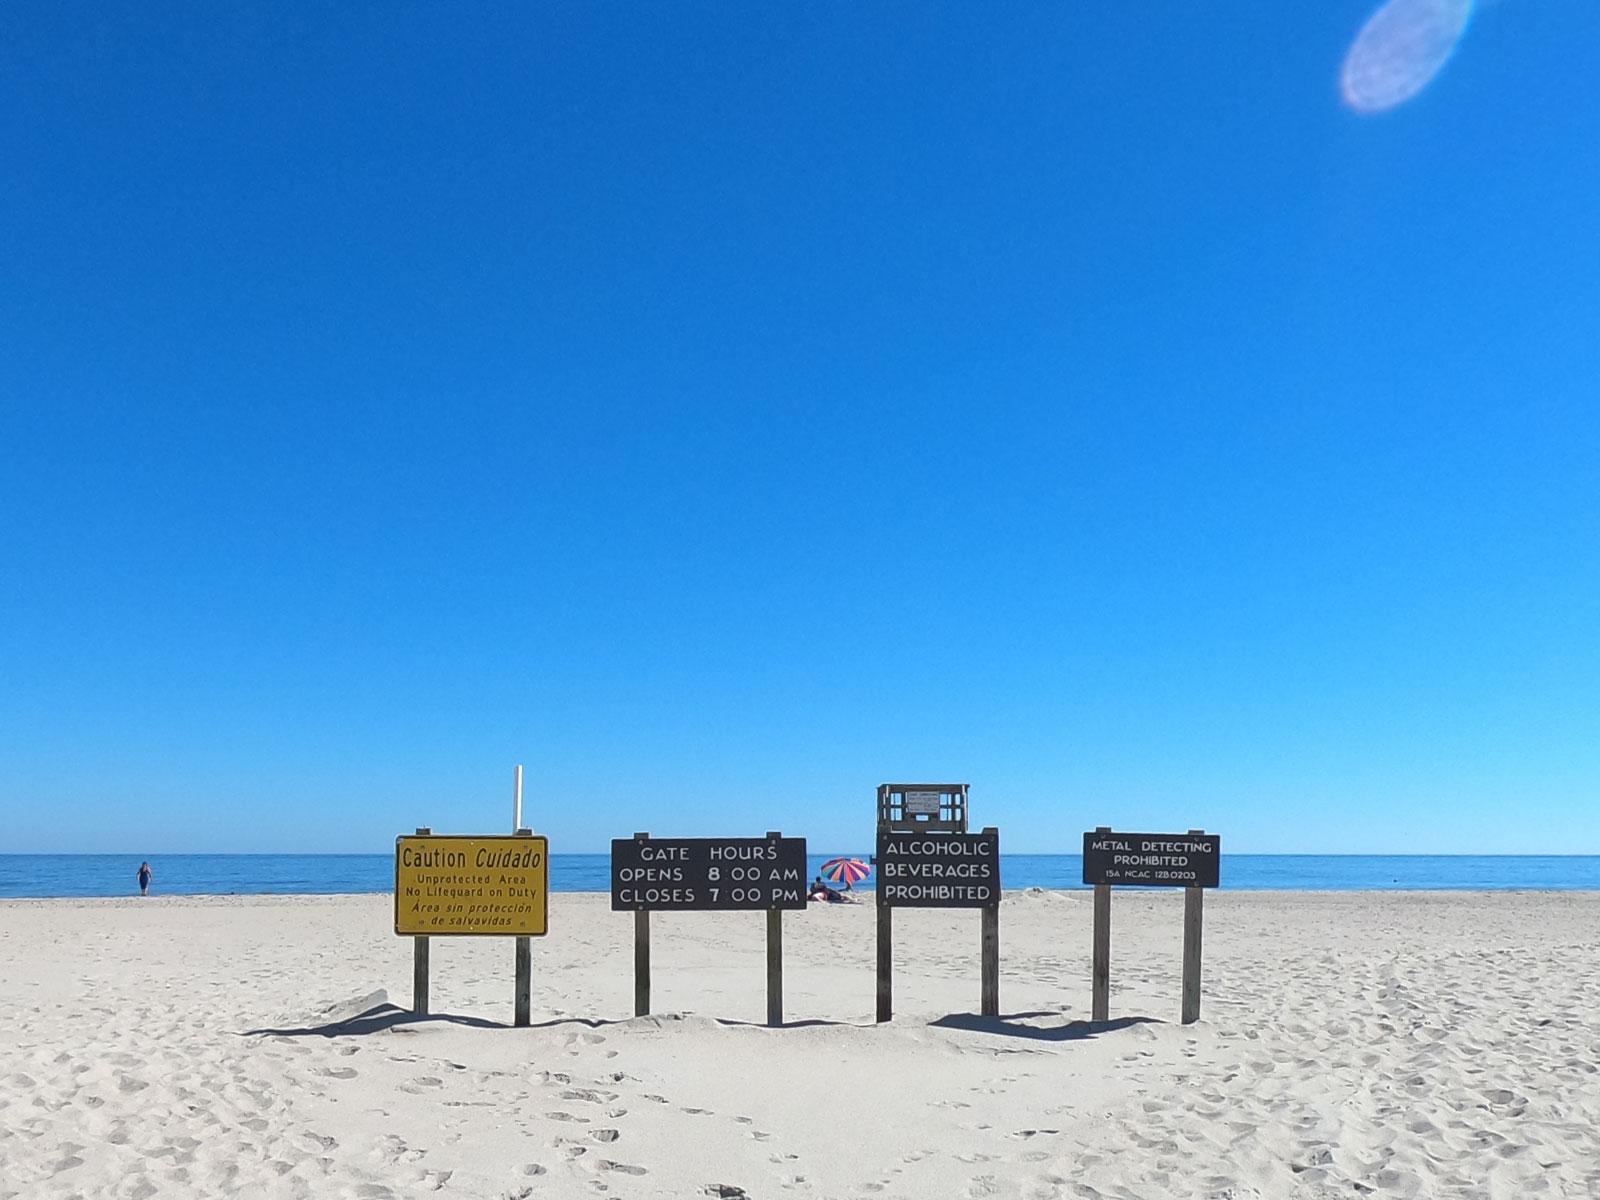 Signs at Kure Beach in North Carolina